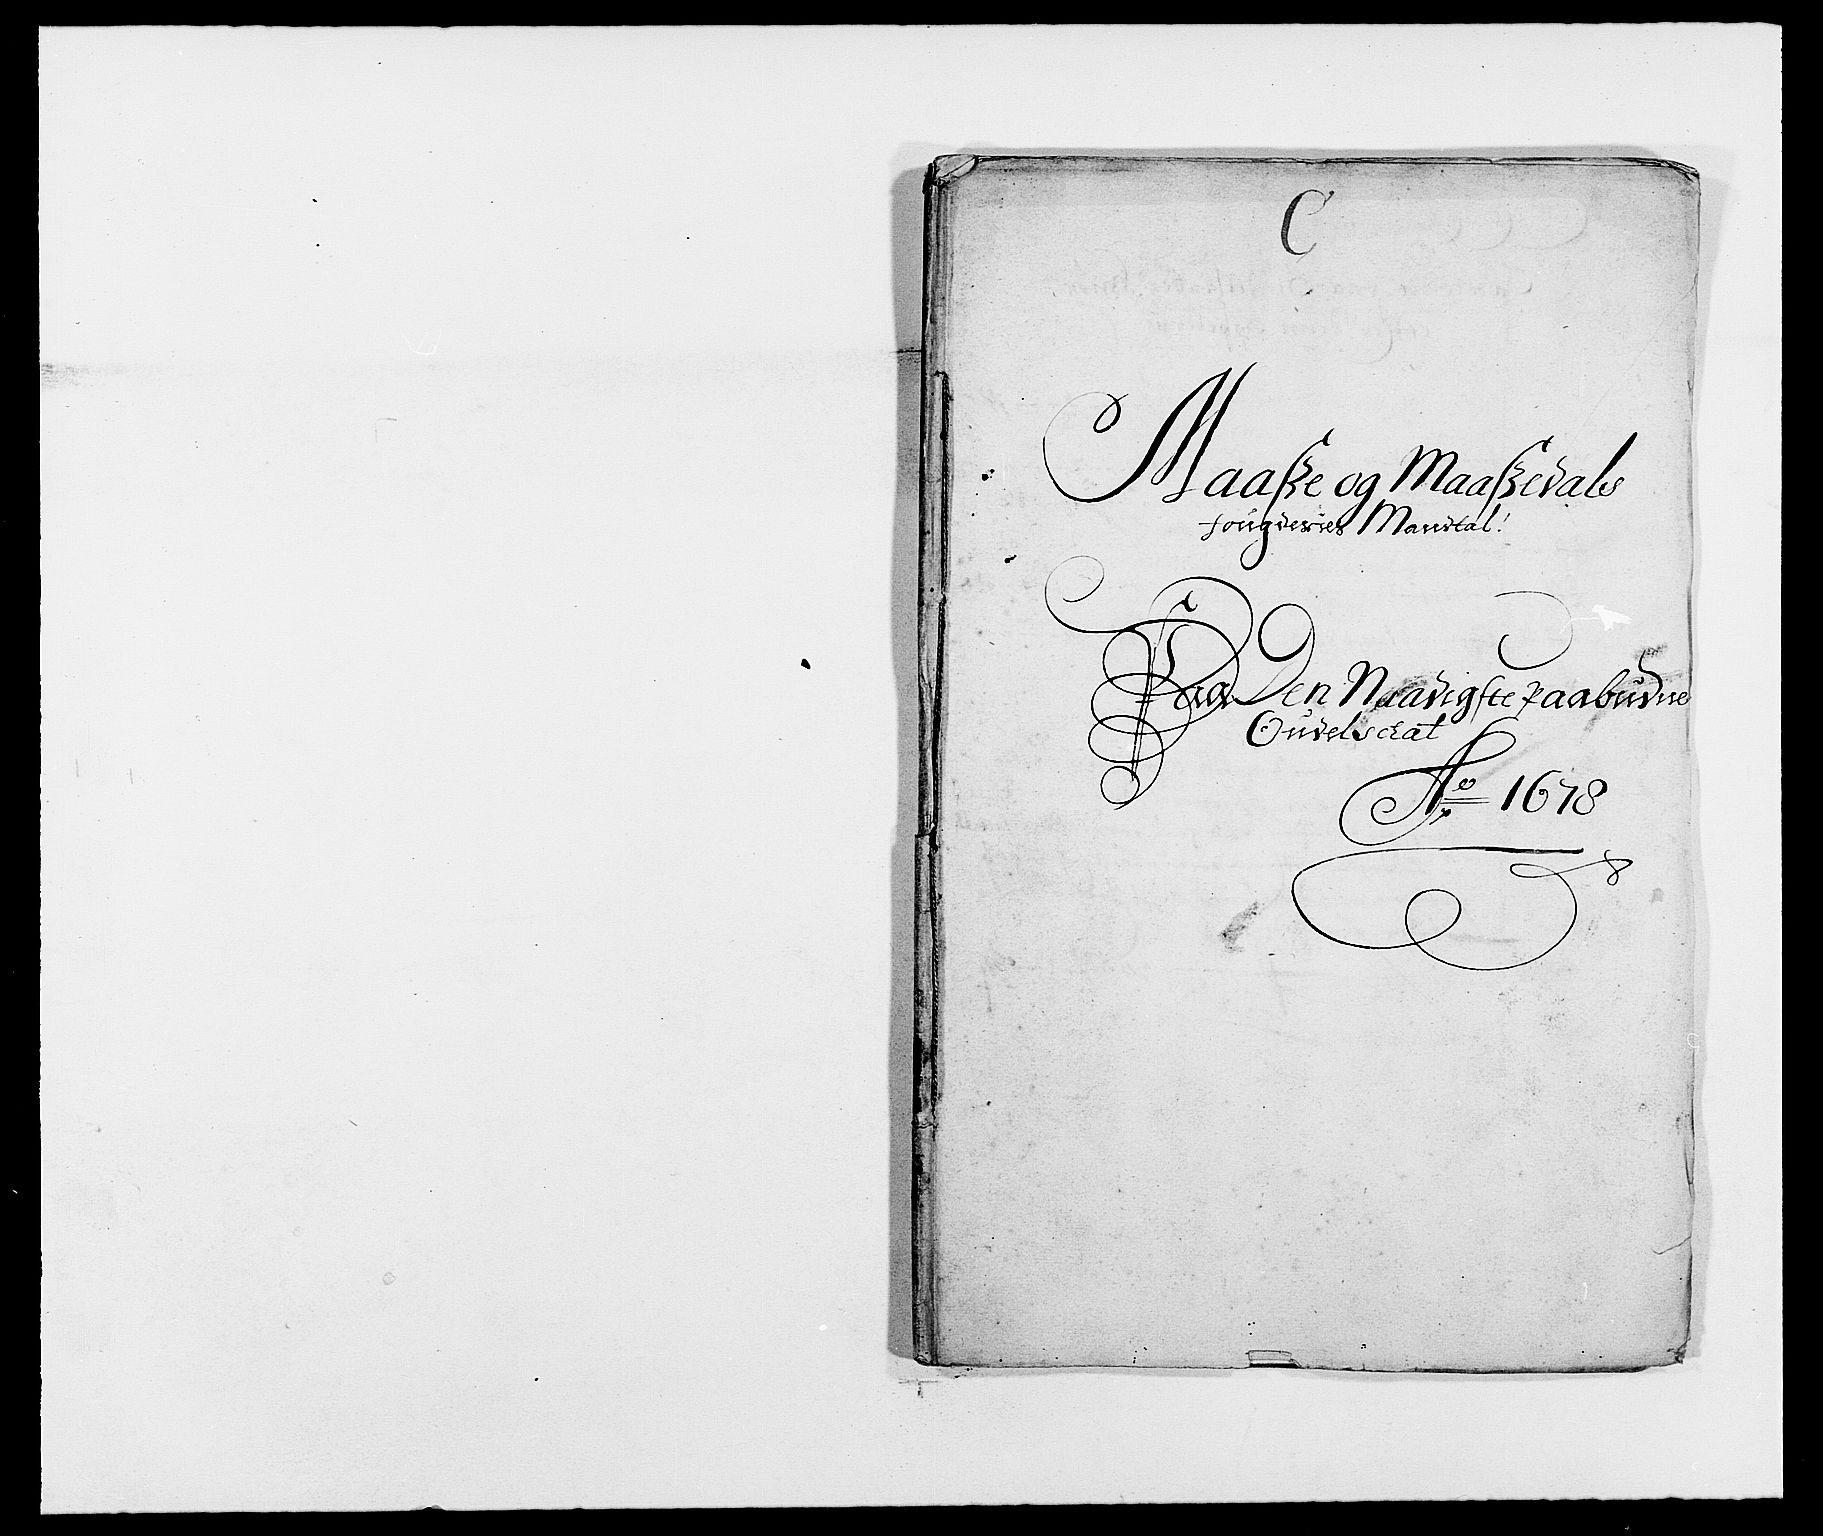 RA, Rentekammeret inntil 1814, Reviderte regnskaper, Fogderegnskap, R02/L0099: Fogderegnskap Moss og Verne kloster, 1678, s. 69